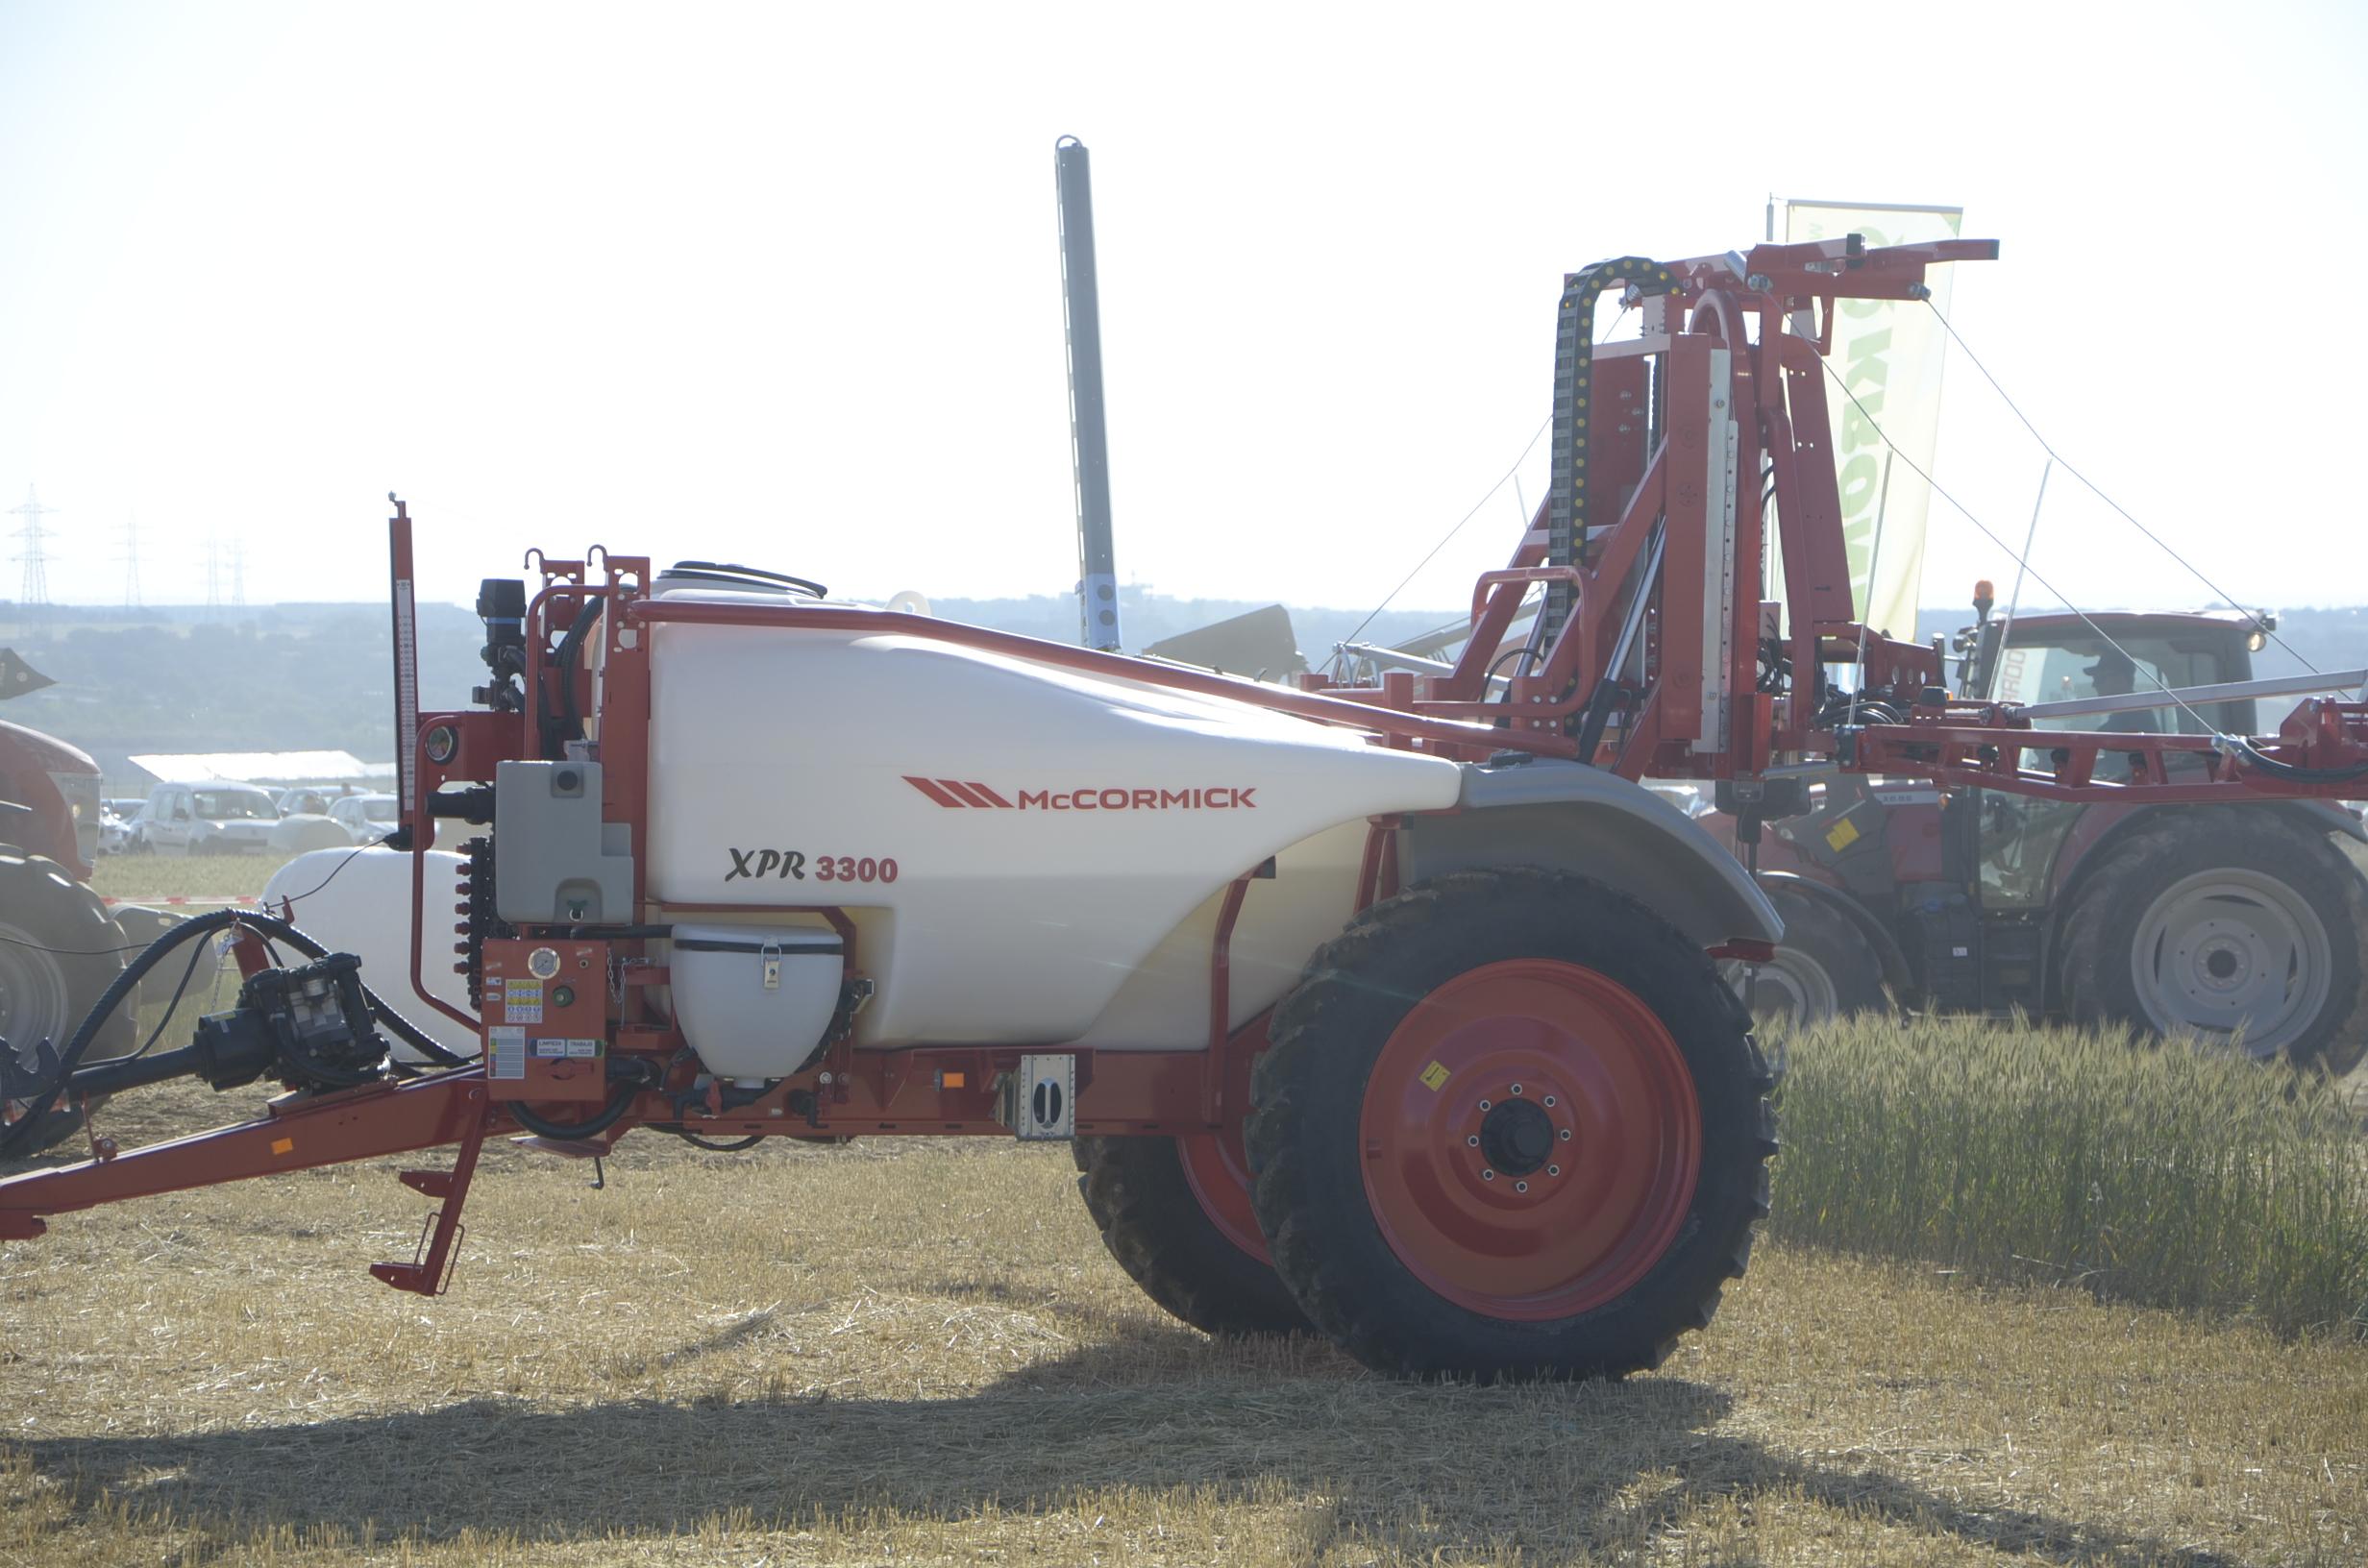 DSC7282